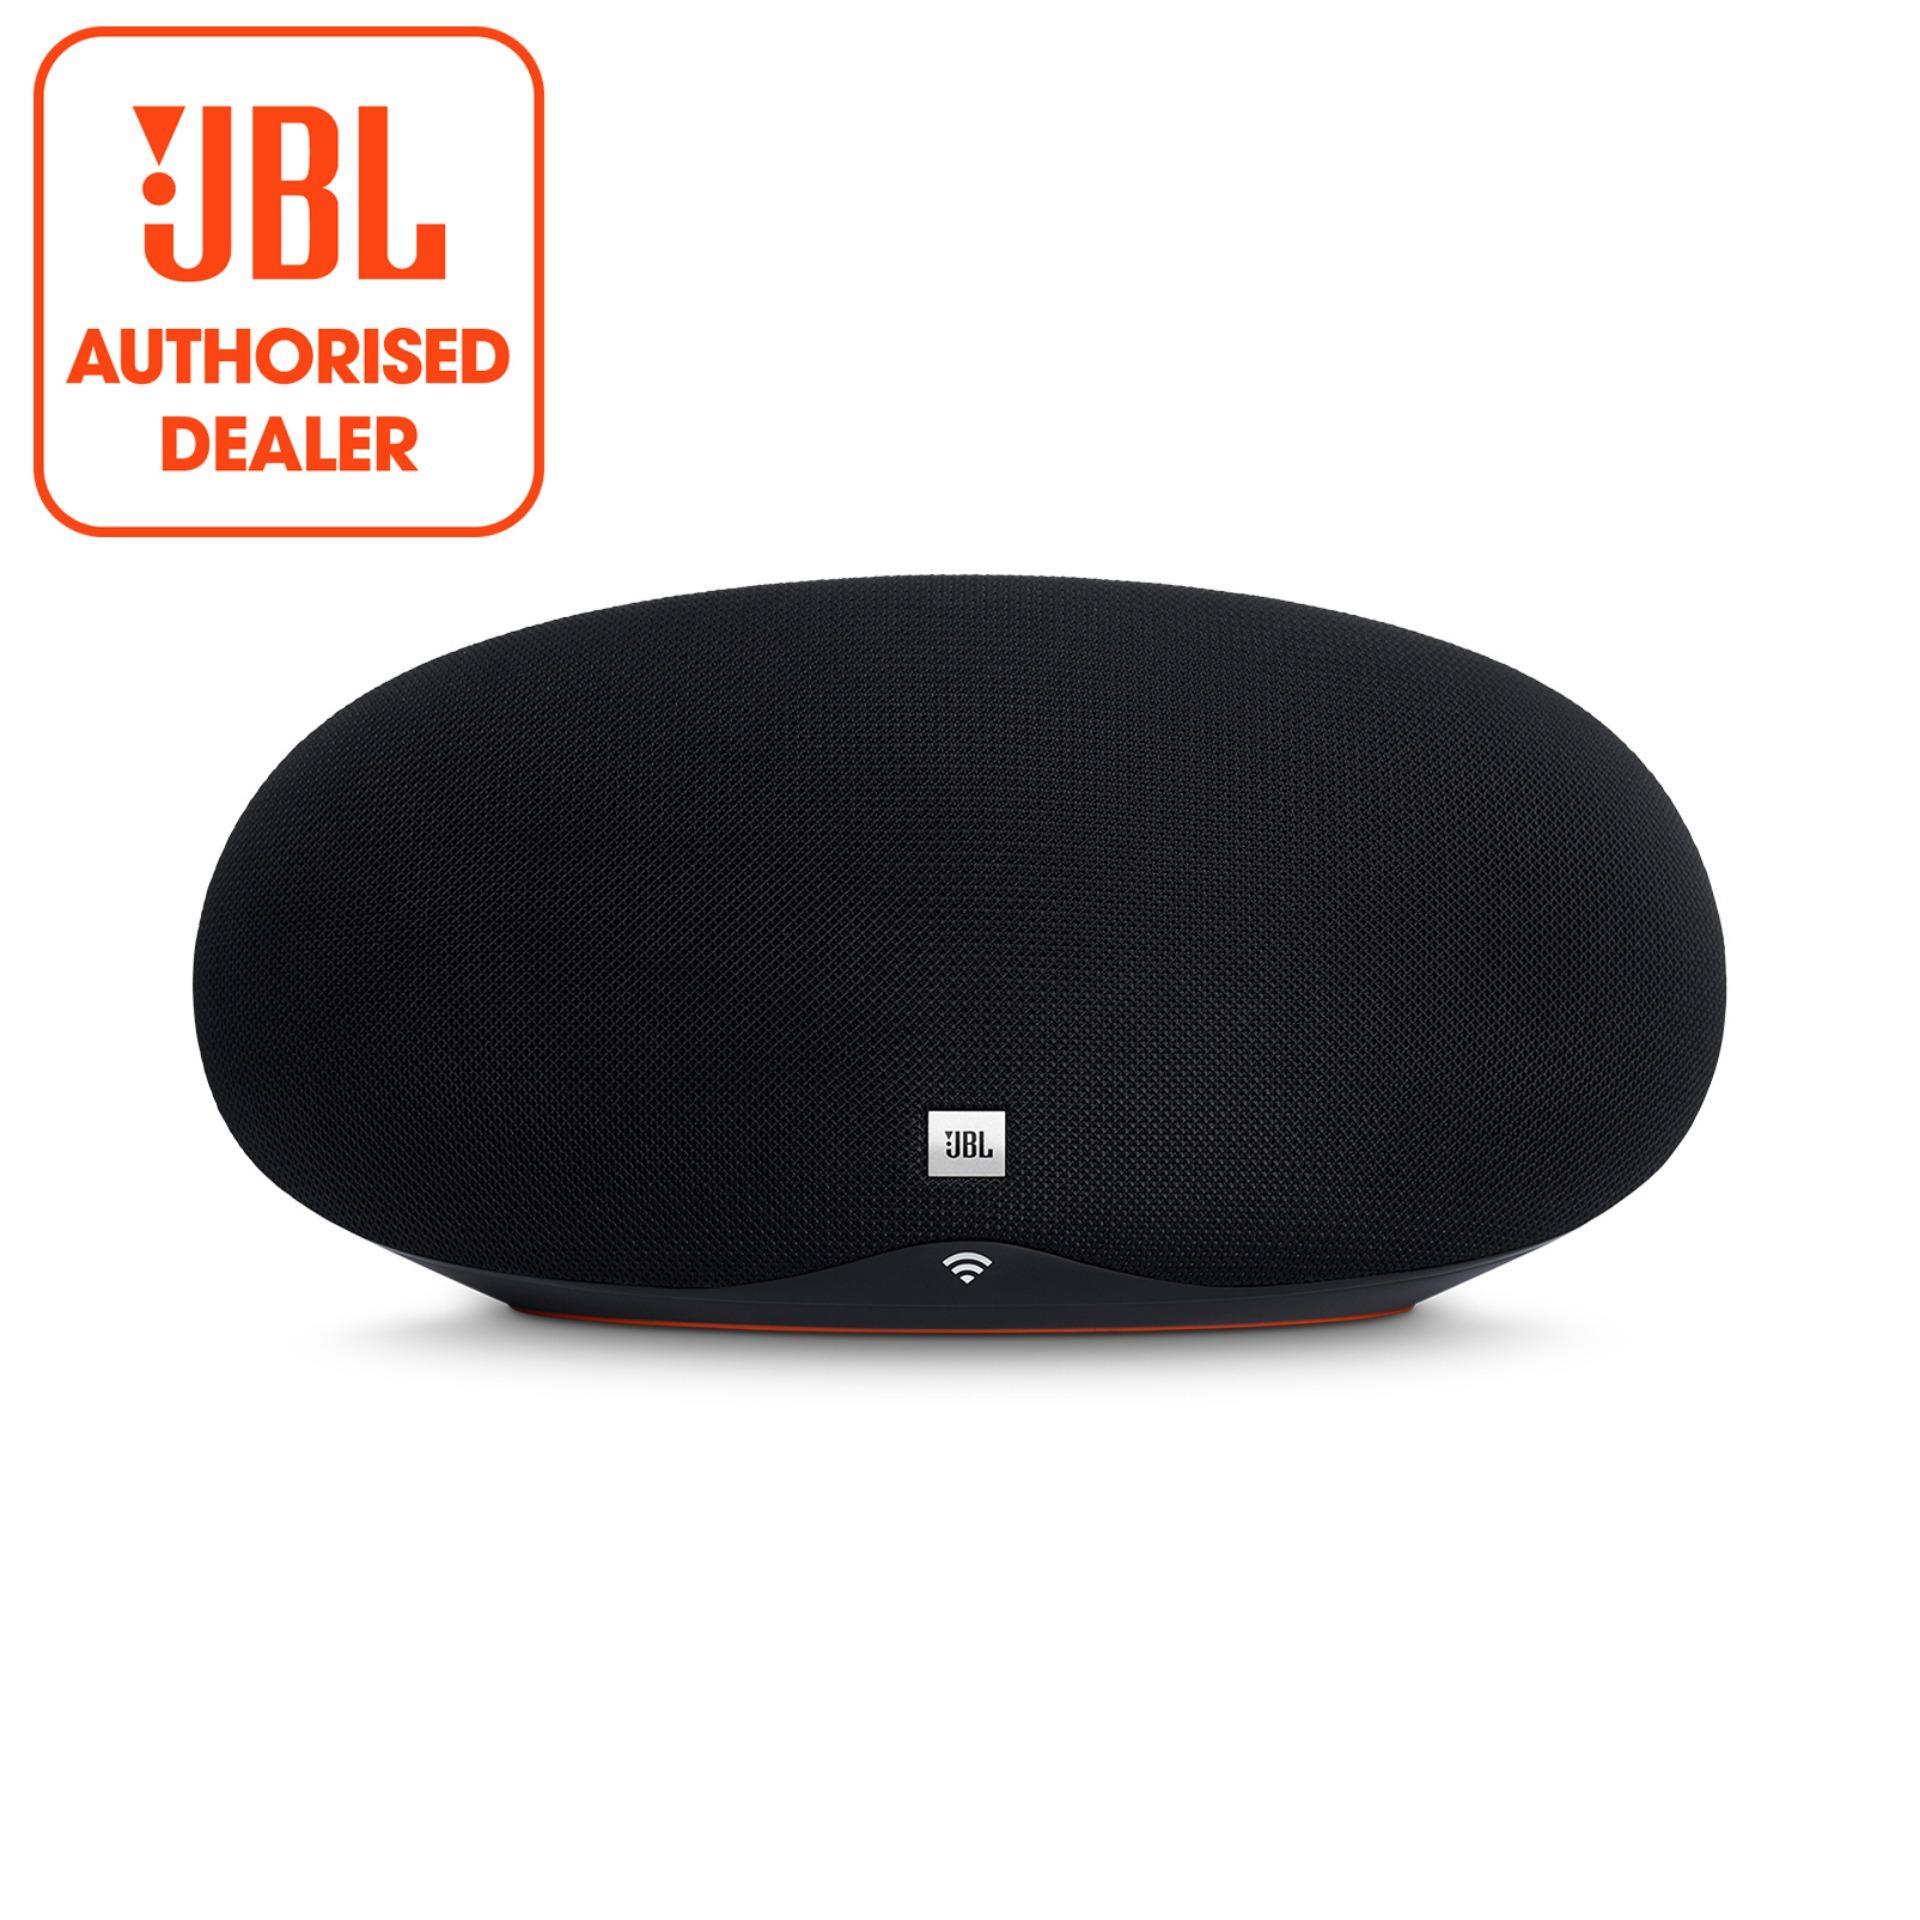 Low Price Jbl Playlist Wireless Speaker With Chromecast Built In